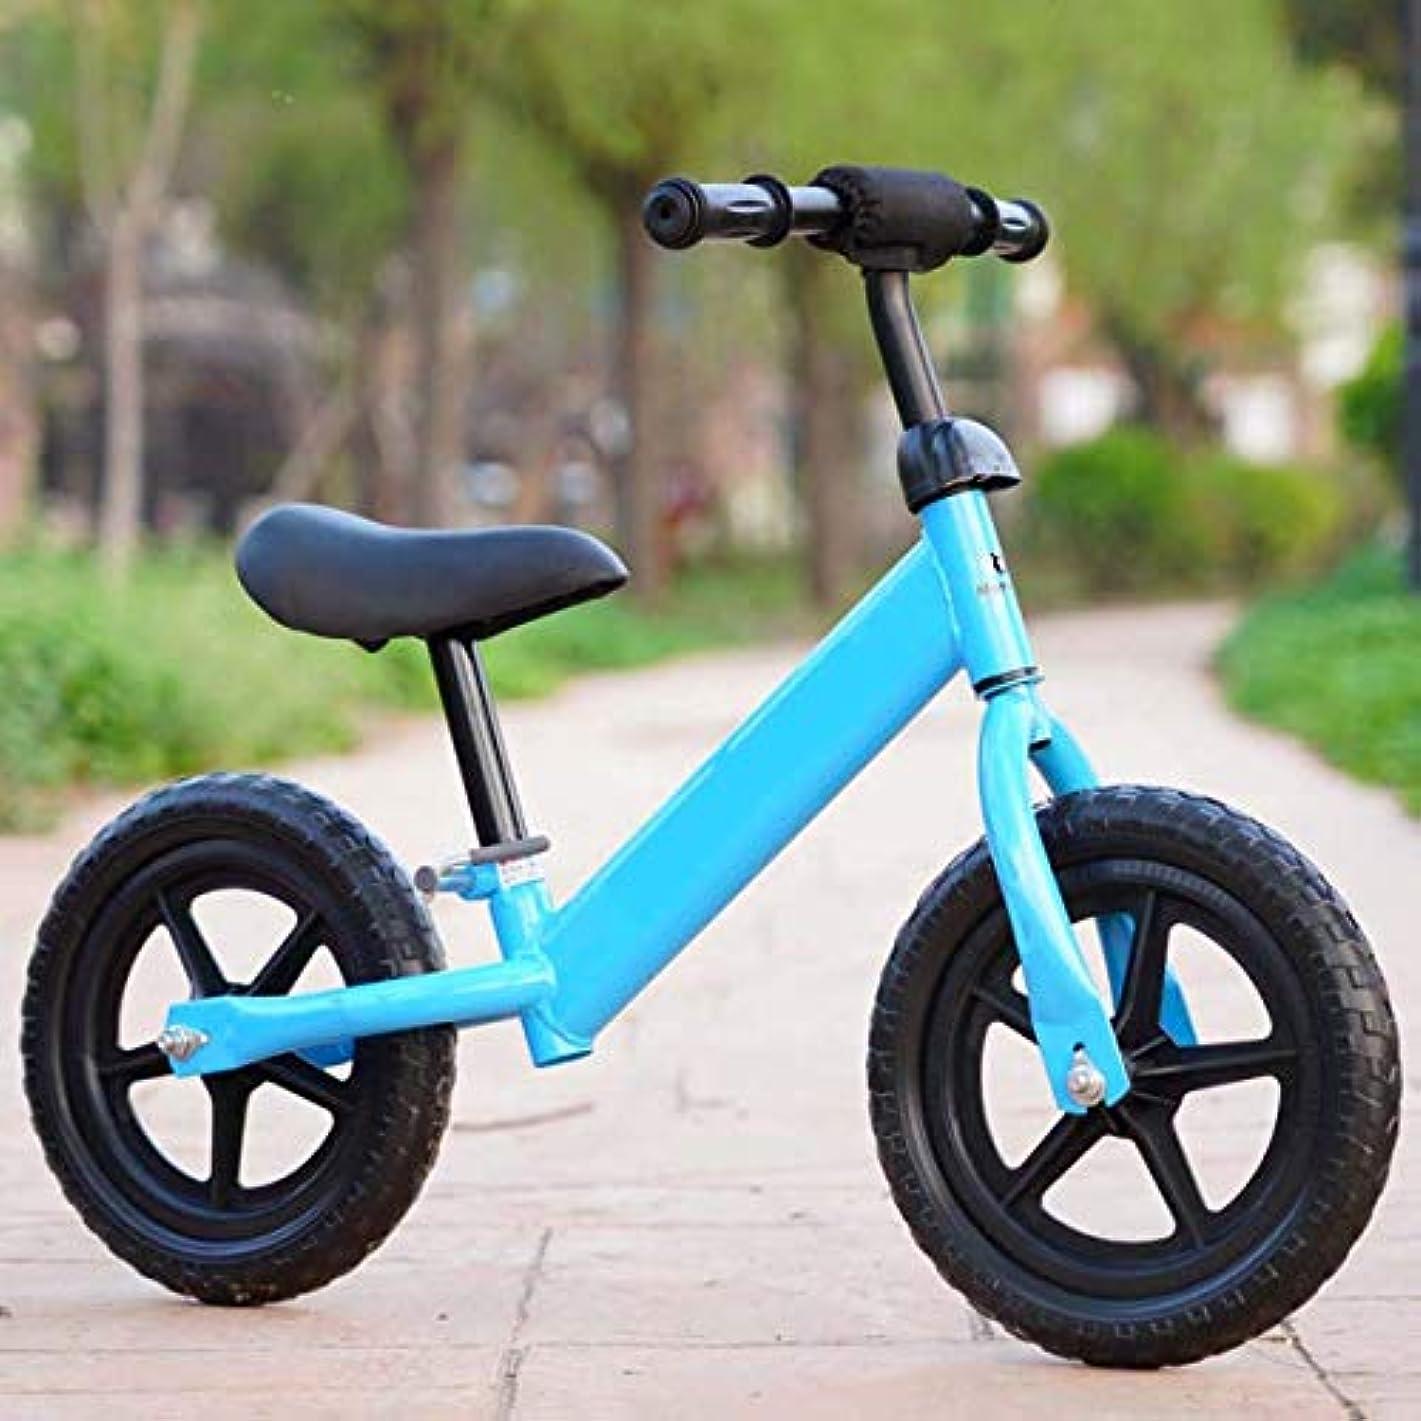 吐き出すクラフト別の12インチスポーツ職業バランスバイク、2?6年の幼児用自転車、キッズバイク、調節可能なサドル、ペダルなしの幼児用自転車